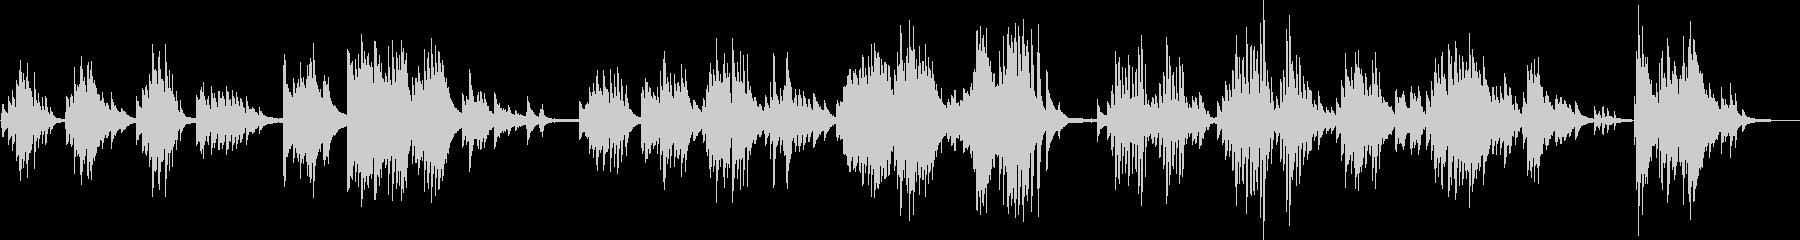 1匹狼のBGM(ピアノ・孤独・力強い)の未再生の波形